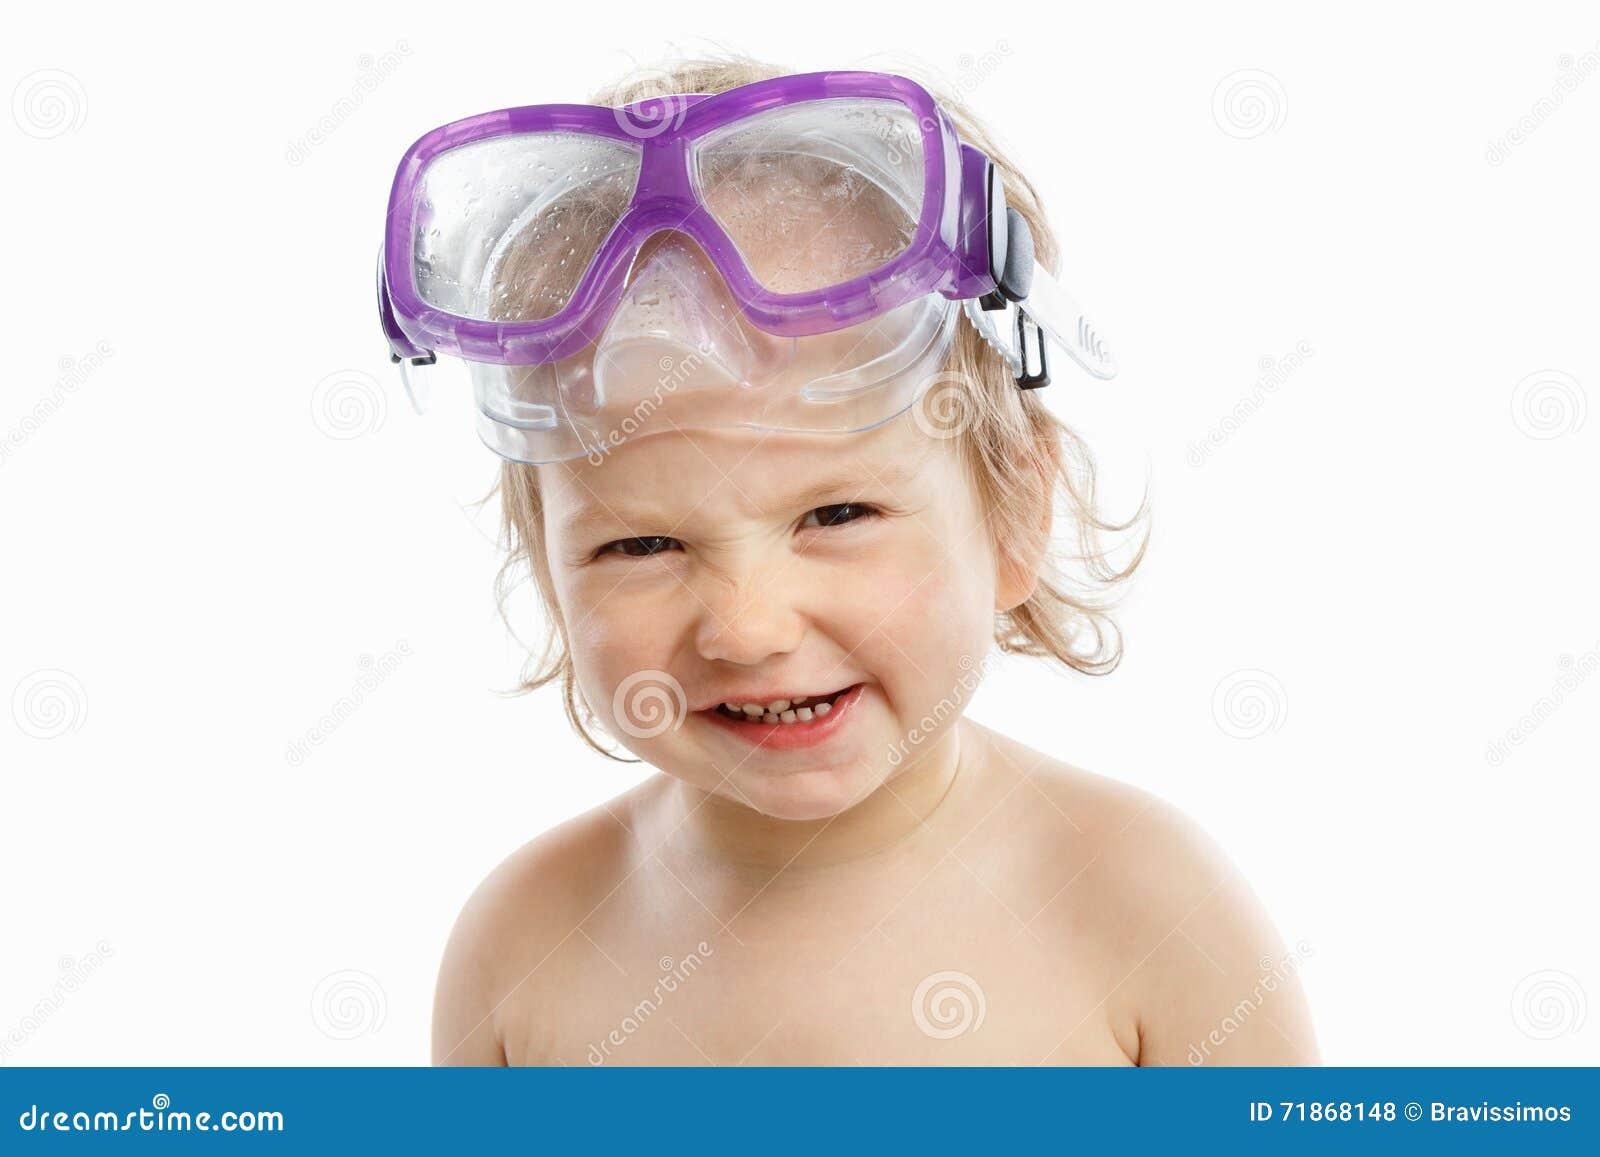 游泳面具的小潜水者与一张愉快的面孔特写镜头画象,在白色